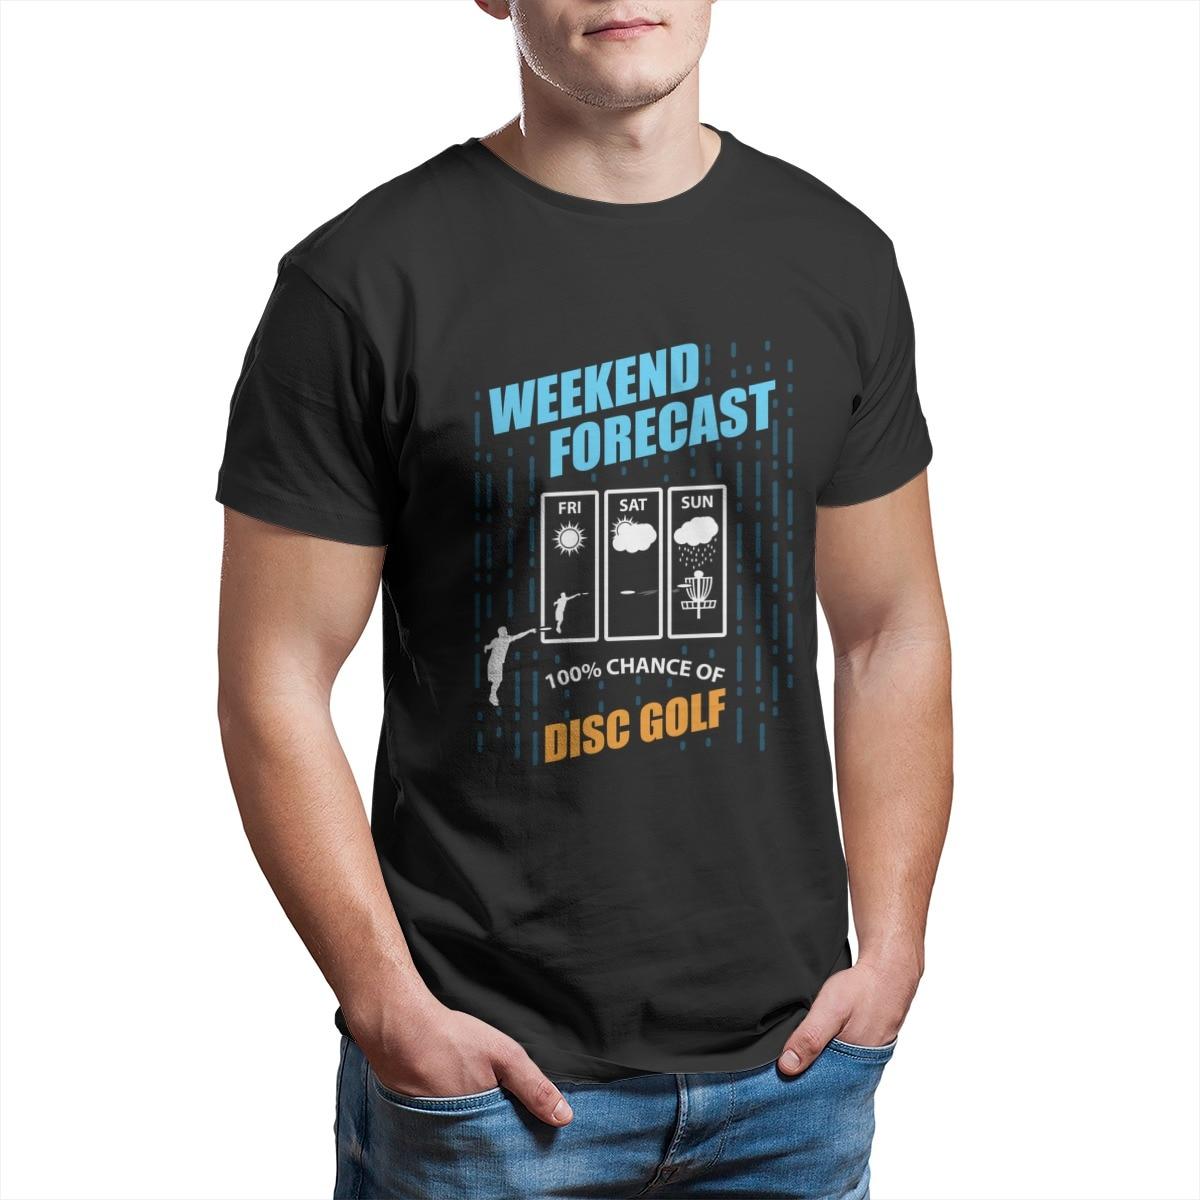 Previsão do fim de semana 100% chance de disco golfe roupas por atacado bonito natal manga streetwear topos camisetas 6519